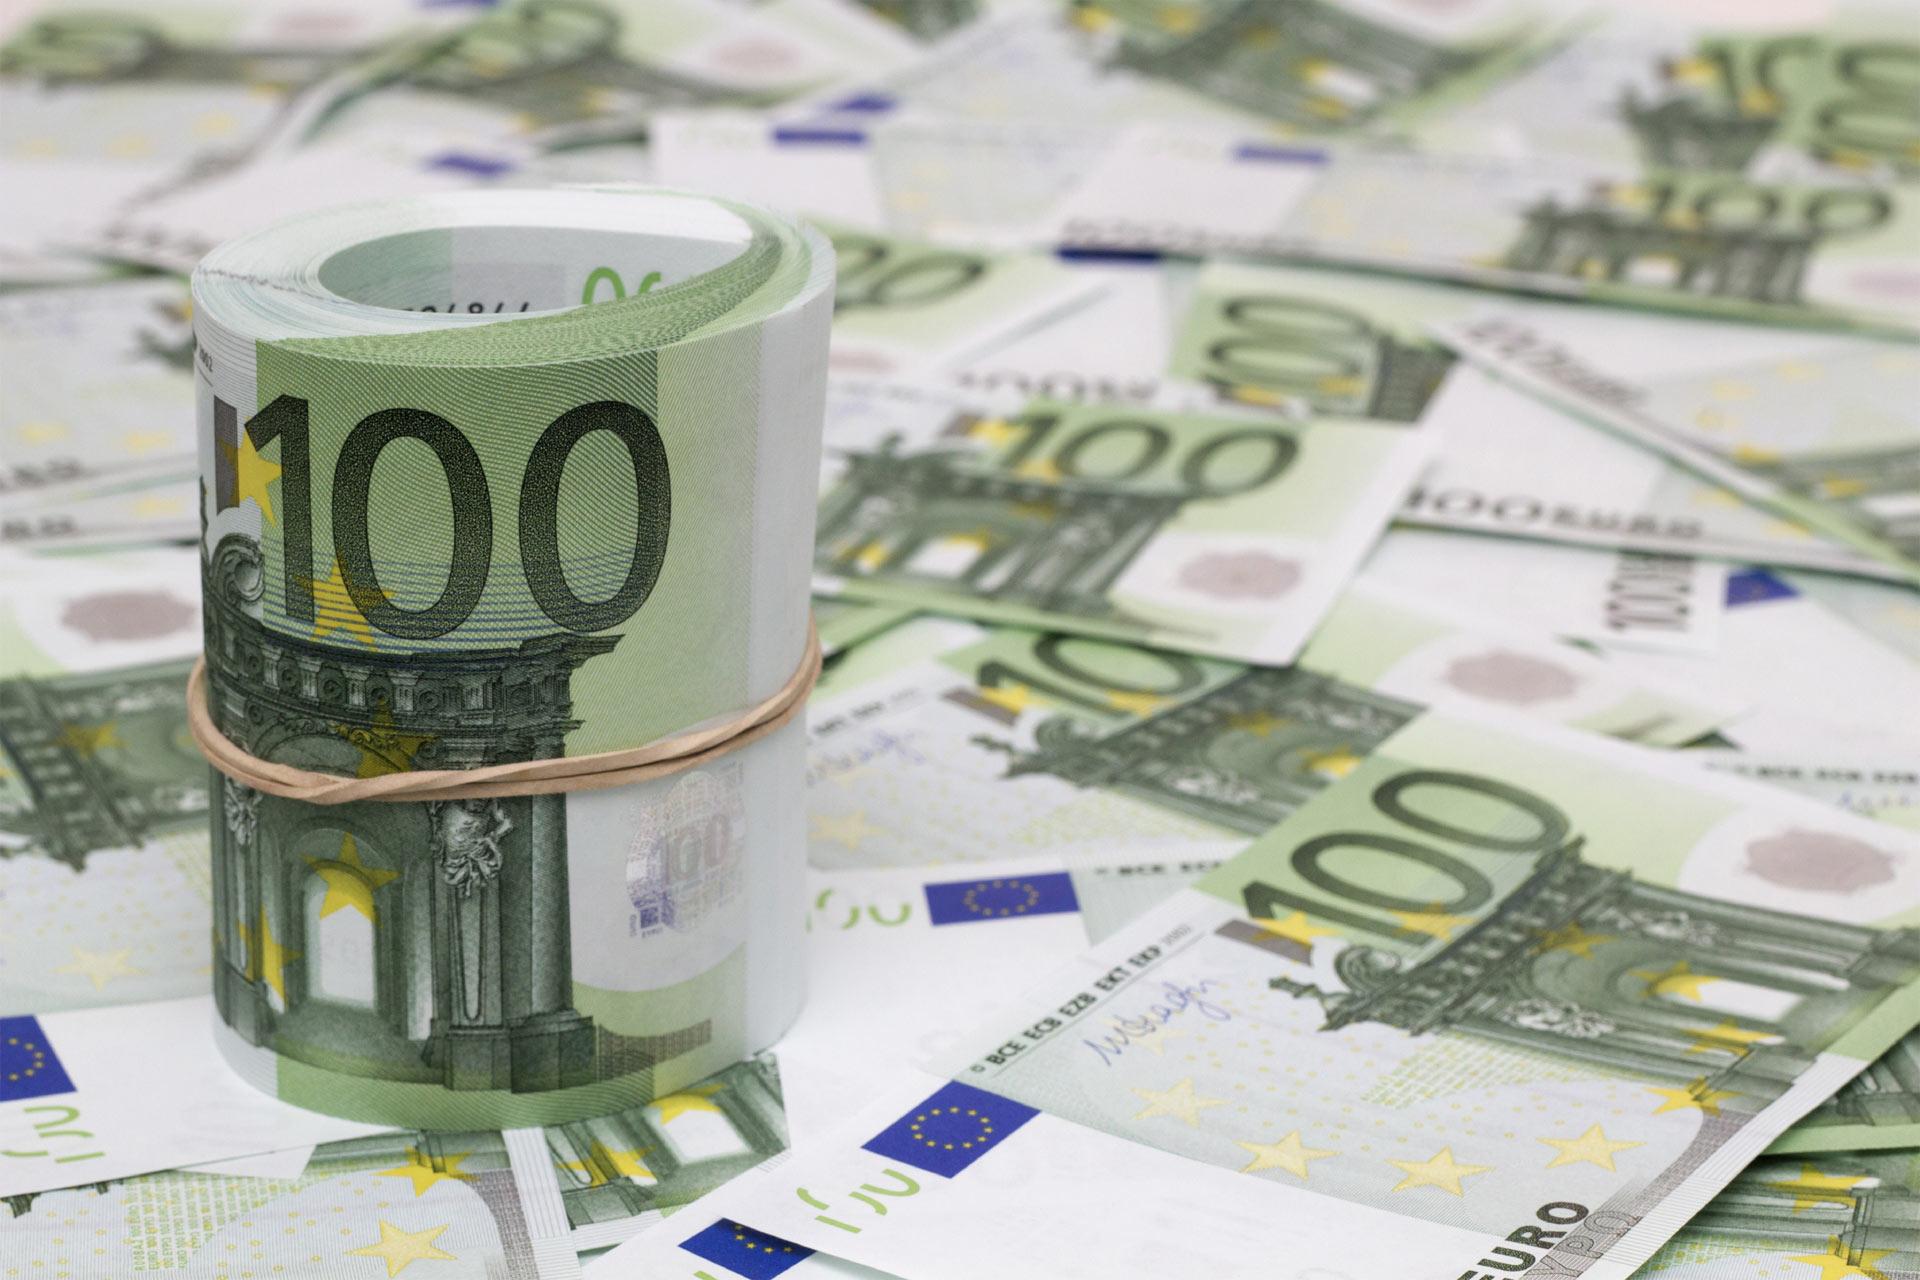 Sólo el arreglo técnico de los motores manipulados le costará a la compañía 6.500 millones de euros